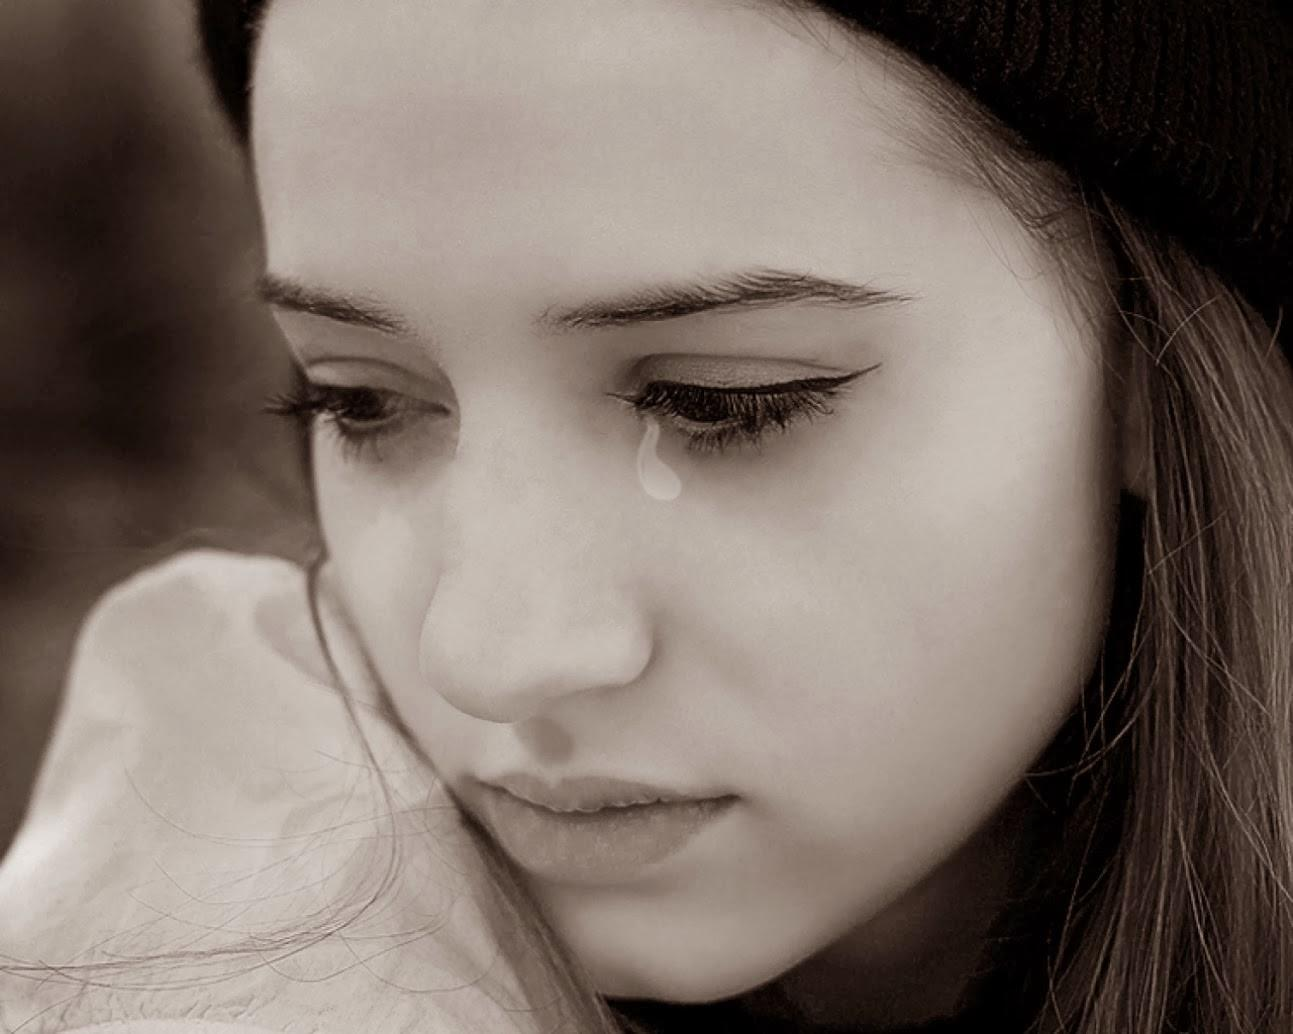 بالصور طفلة تبكي , صور دموع اطفال حزينة 4497 6